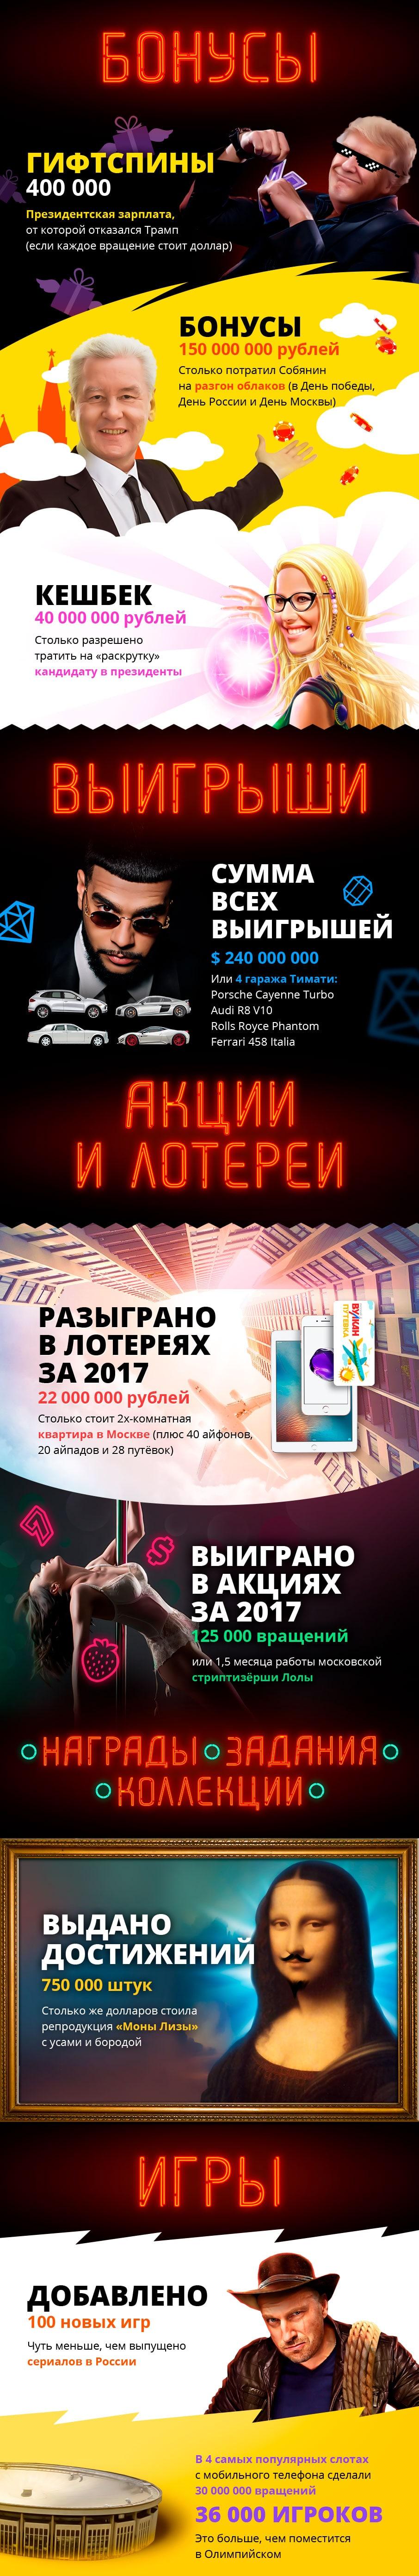 Русский Вулкан: годовой отчёт-2017